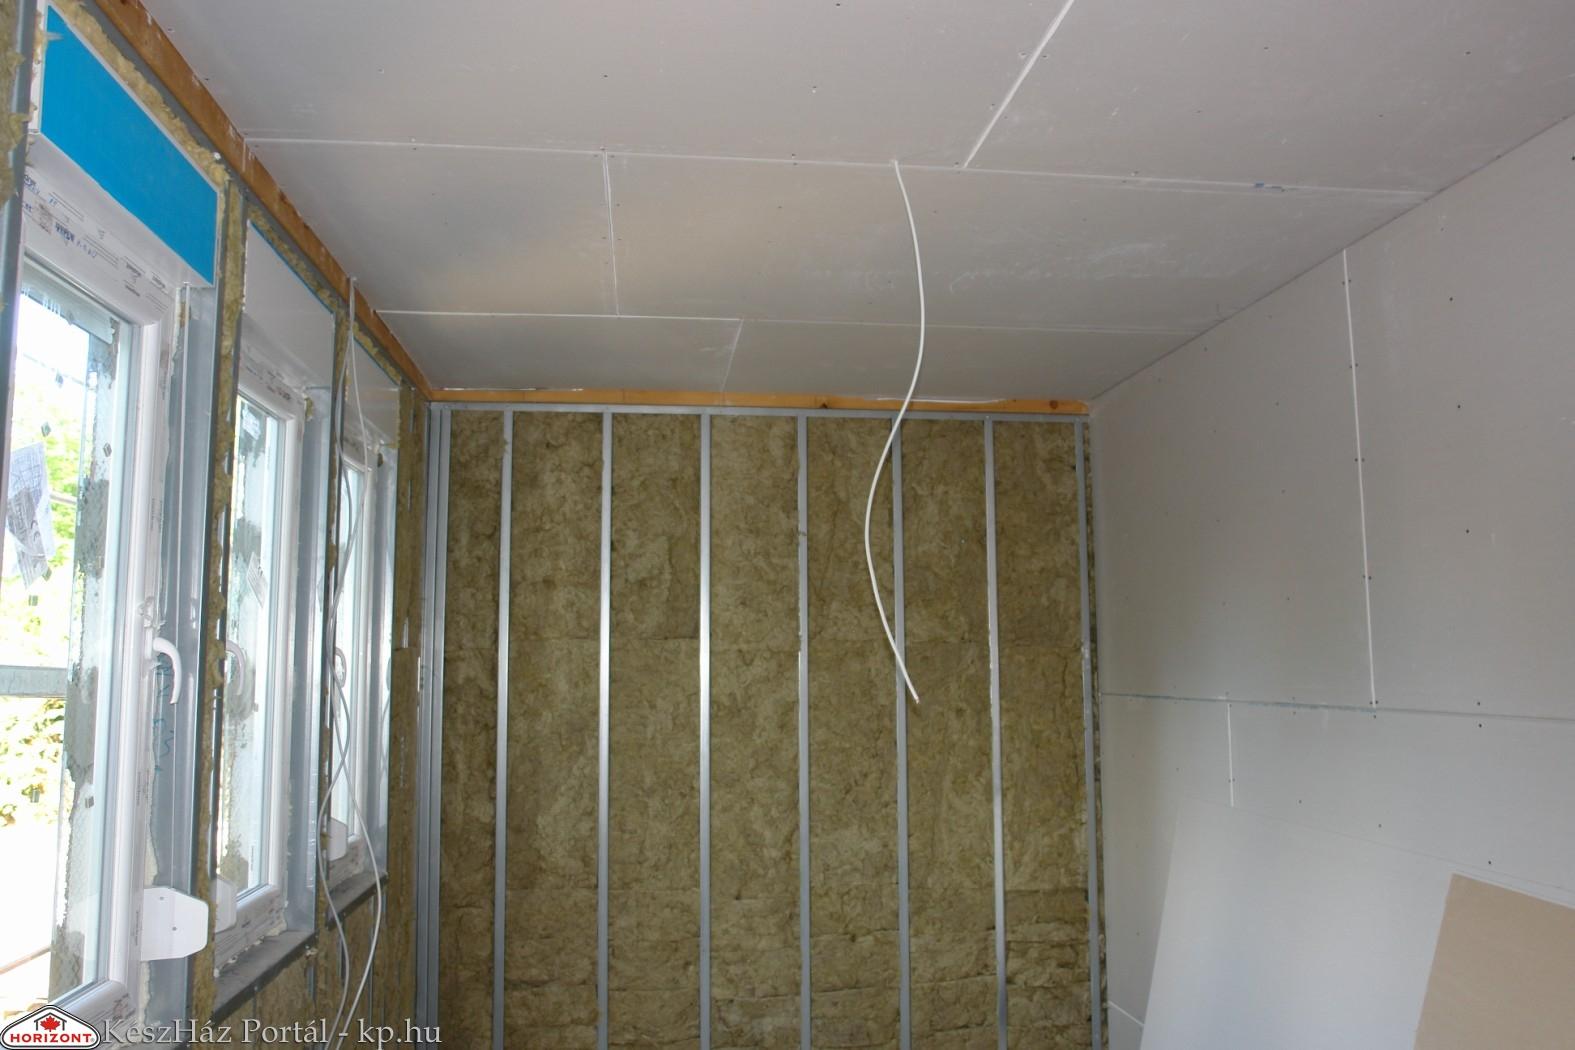 Photo of Készház építés. 19-21. nap. EnergyFriendHome készház alap villanyszerelése